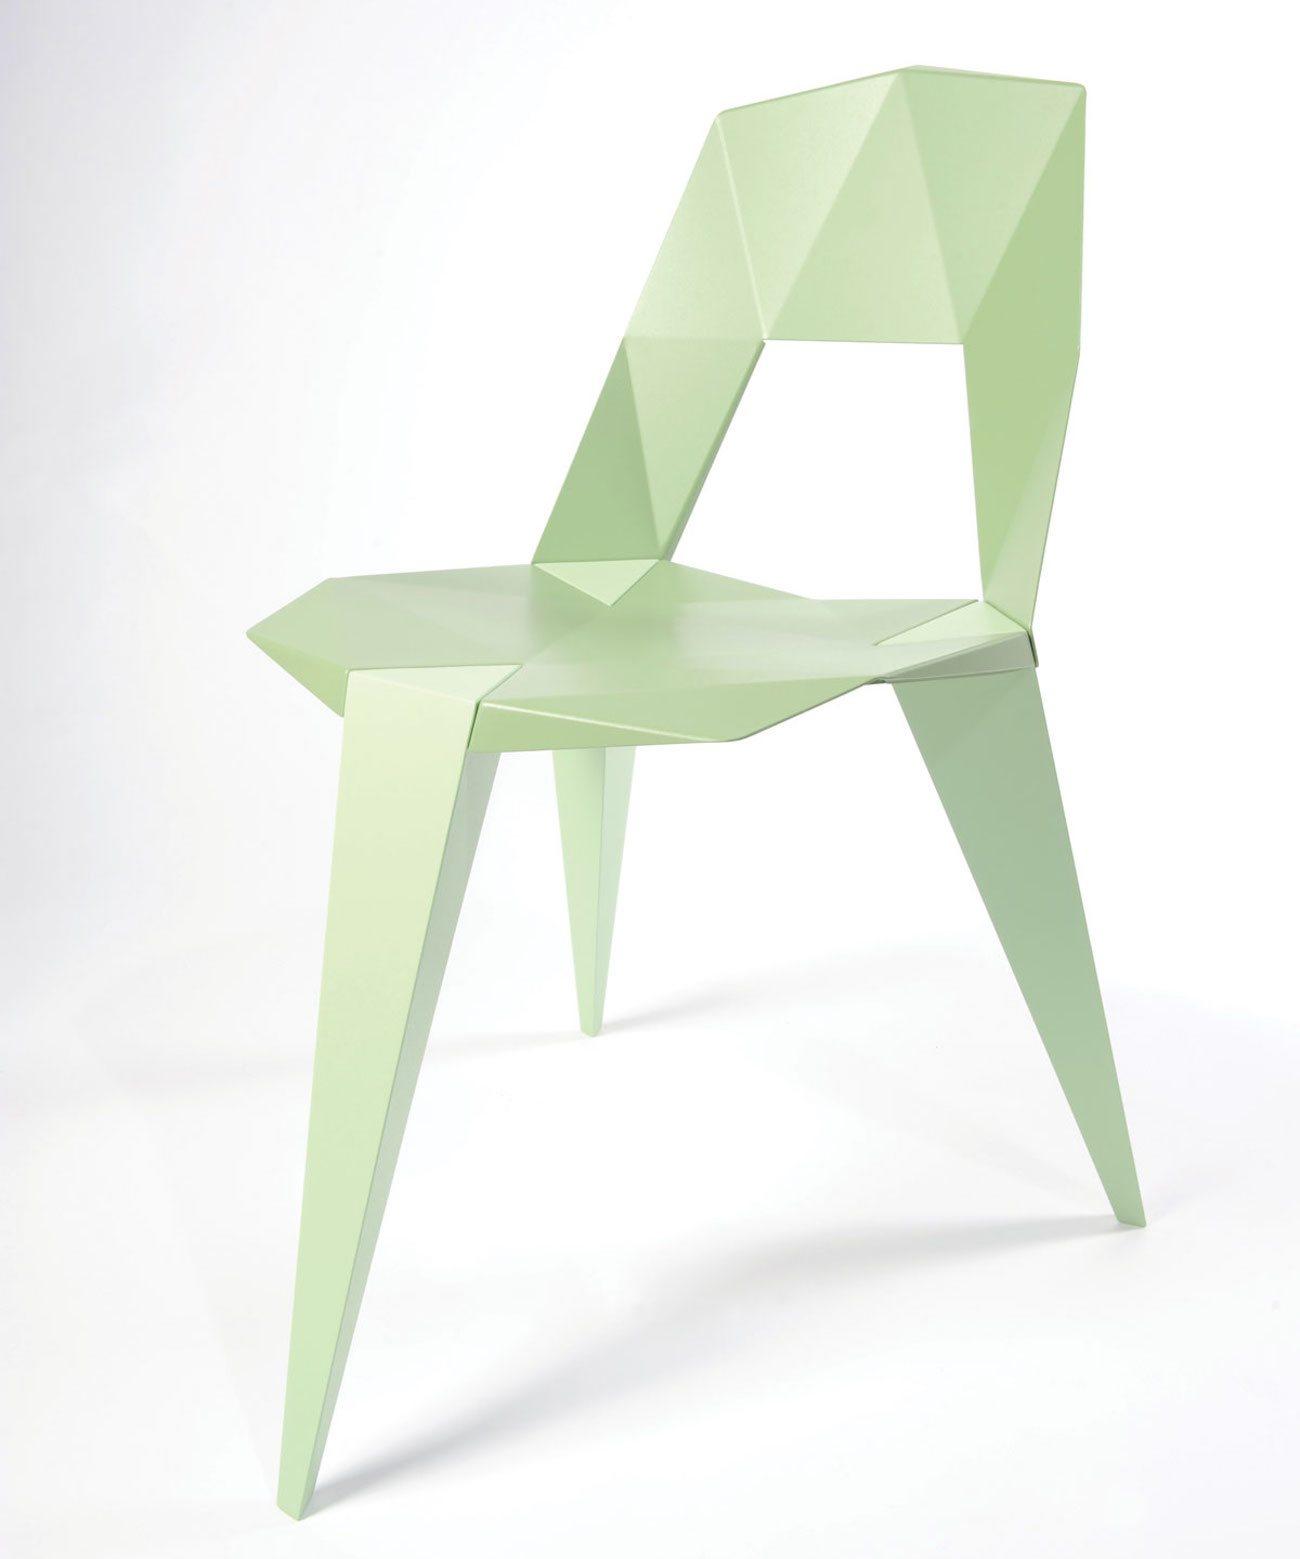 pythagoras-chair-by-sander-mulder-04